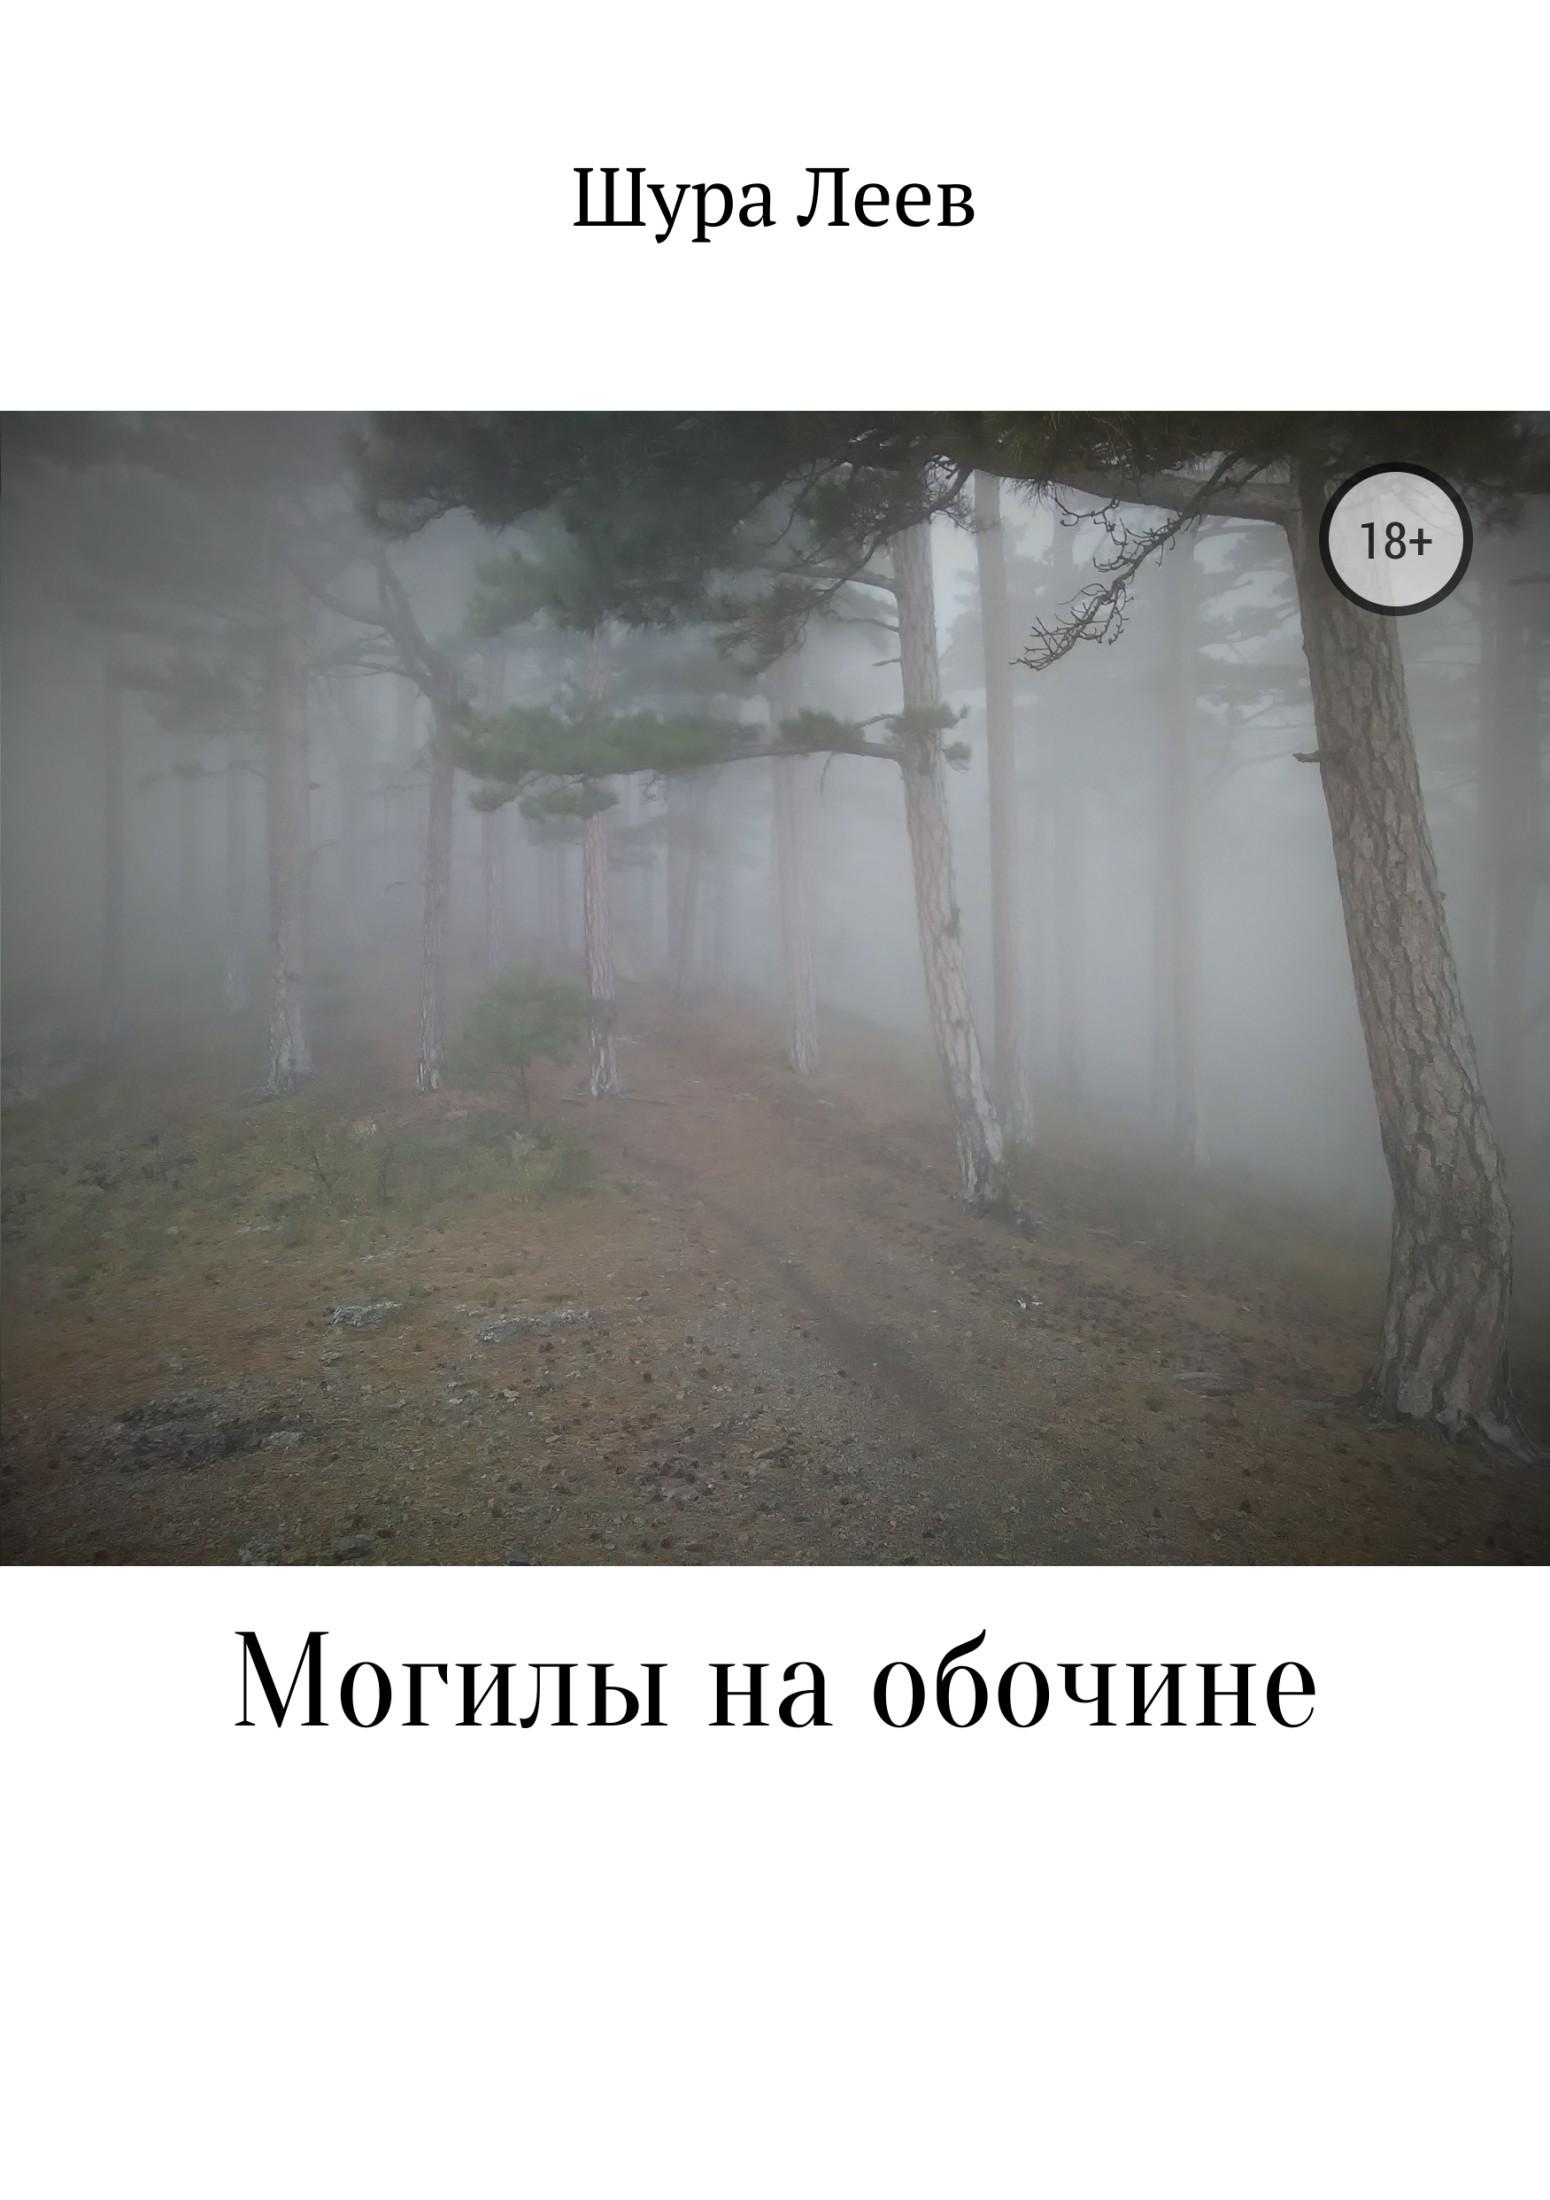 Шура Леев. Могилы на обочине